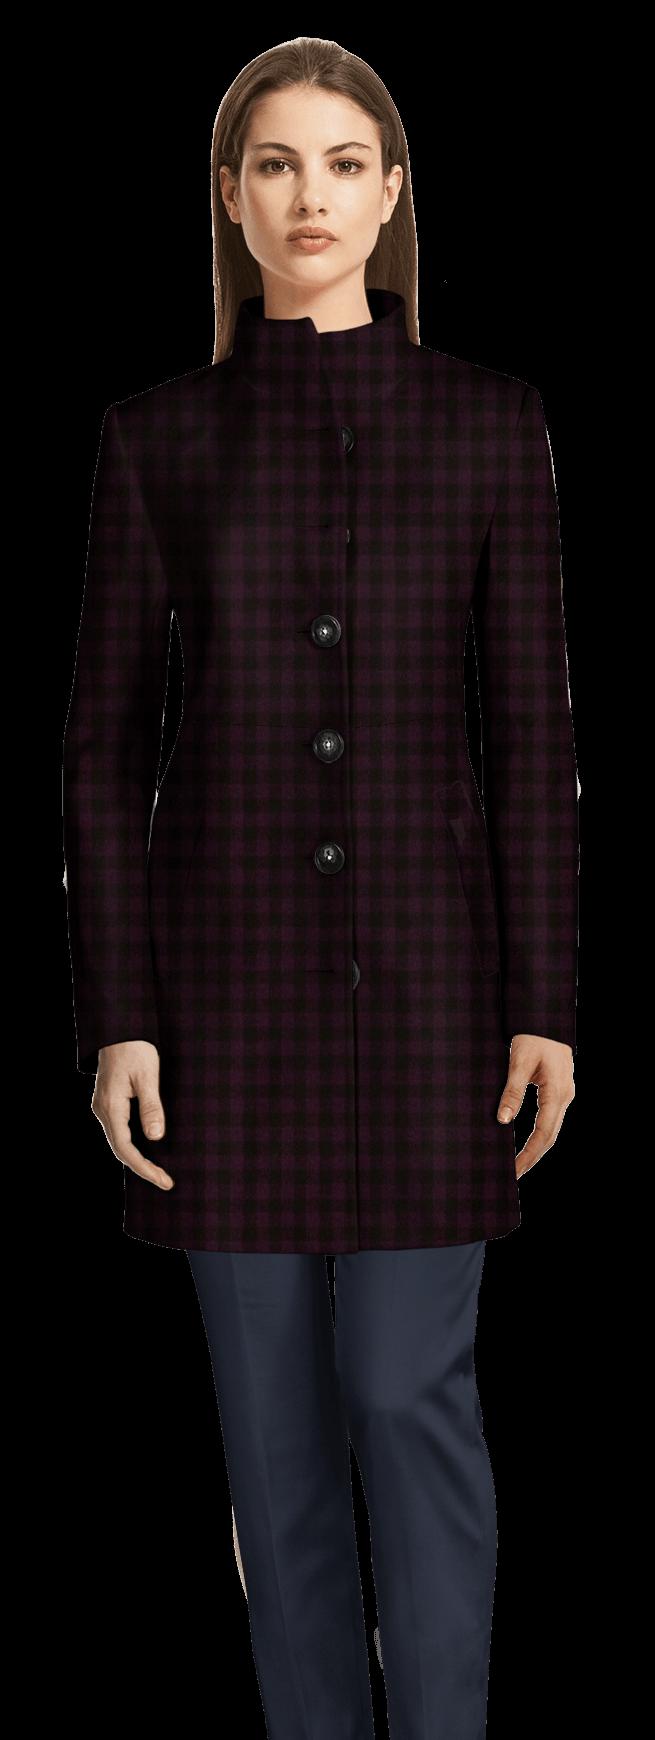 Cappotto collo alto a quadri viola scuro